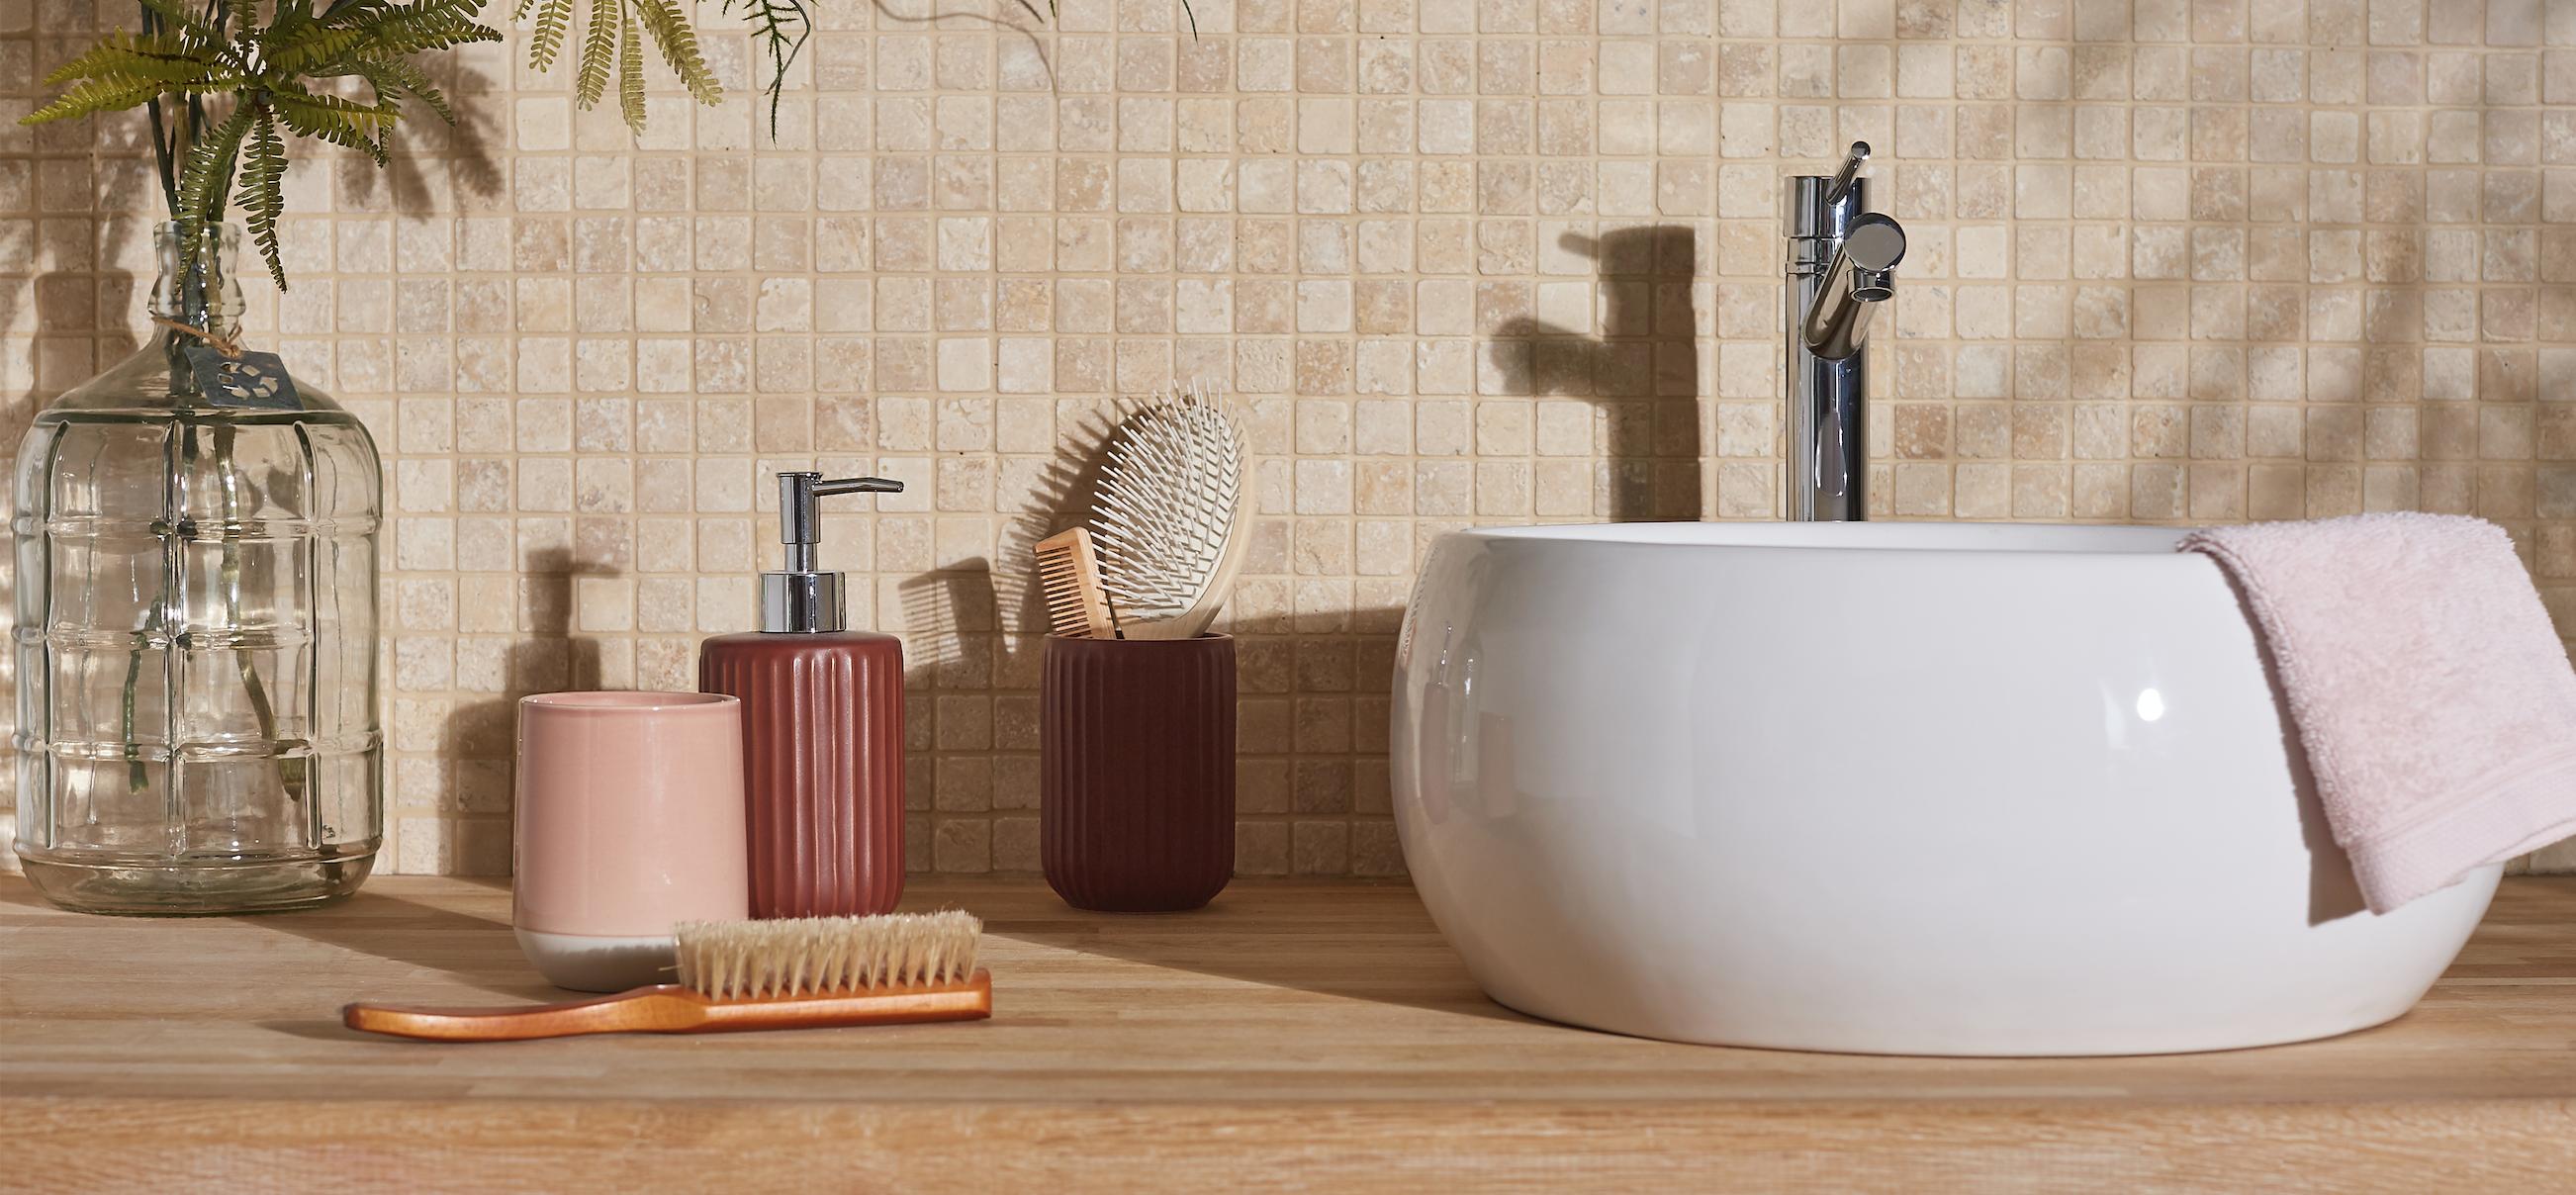 Recouvrir Frise Carrelage Salle De Bain mosaïque salle de bains